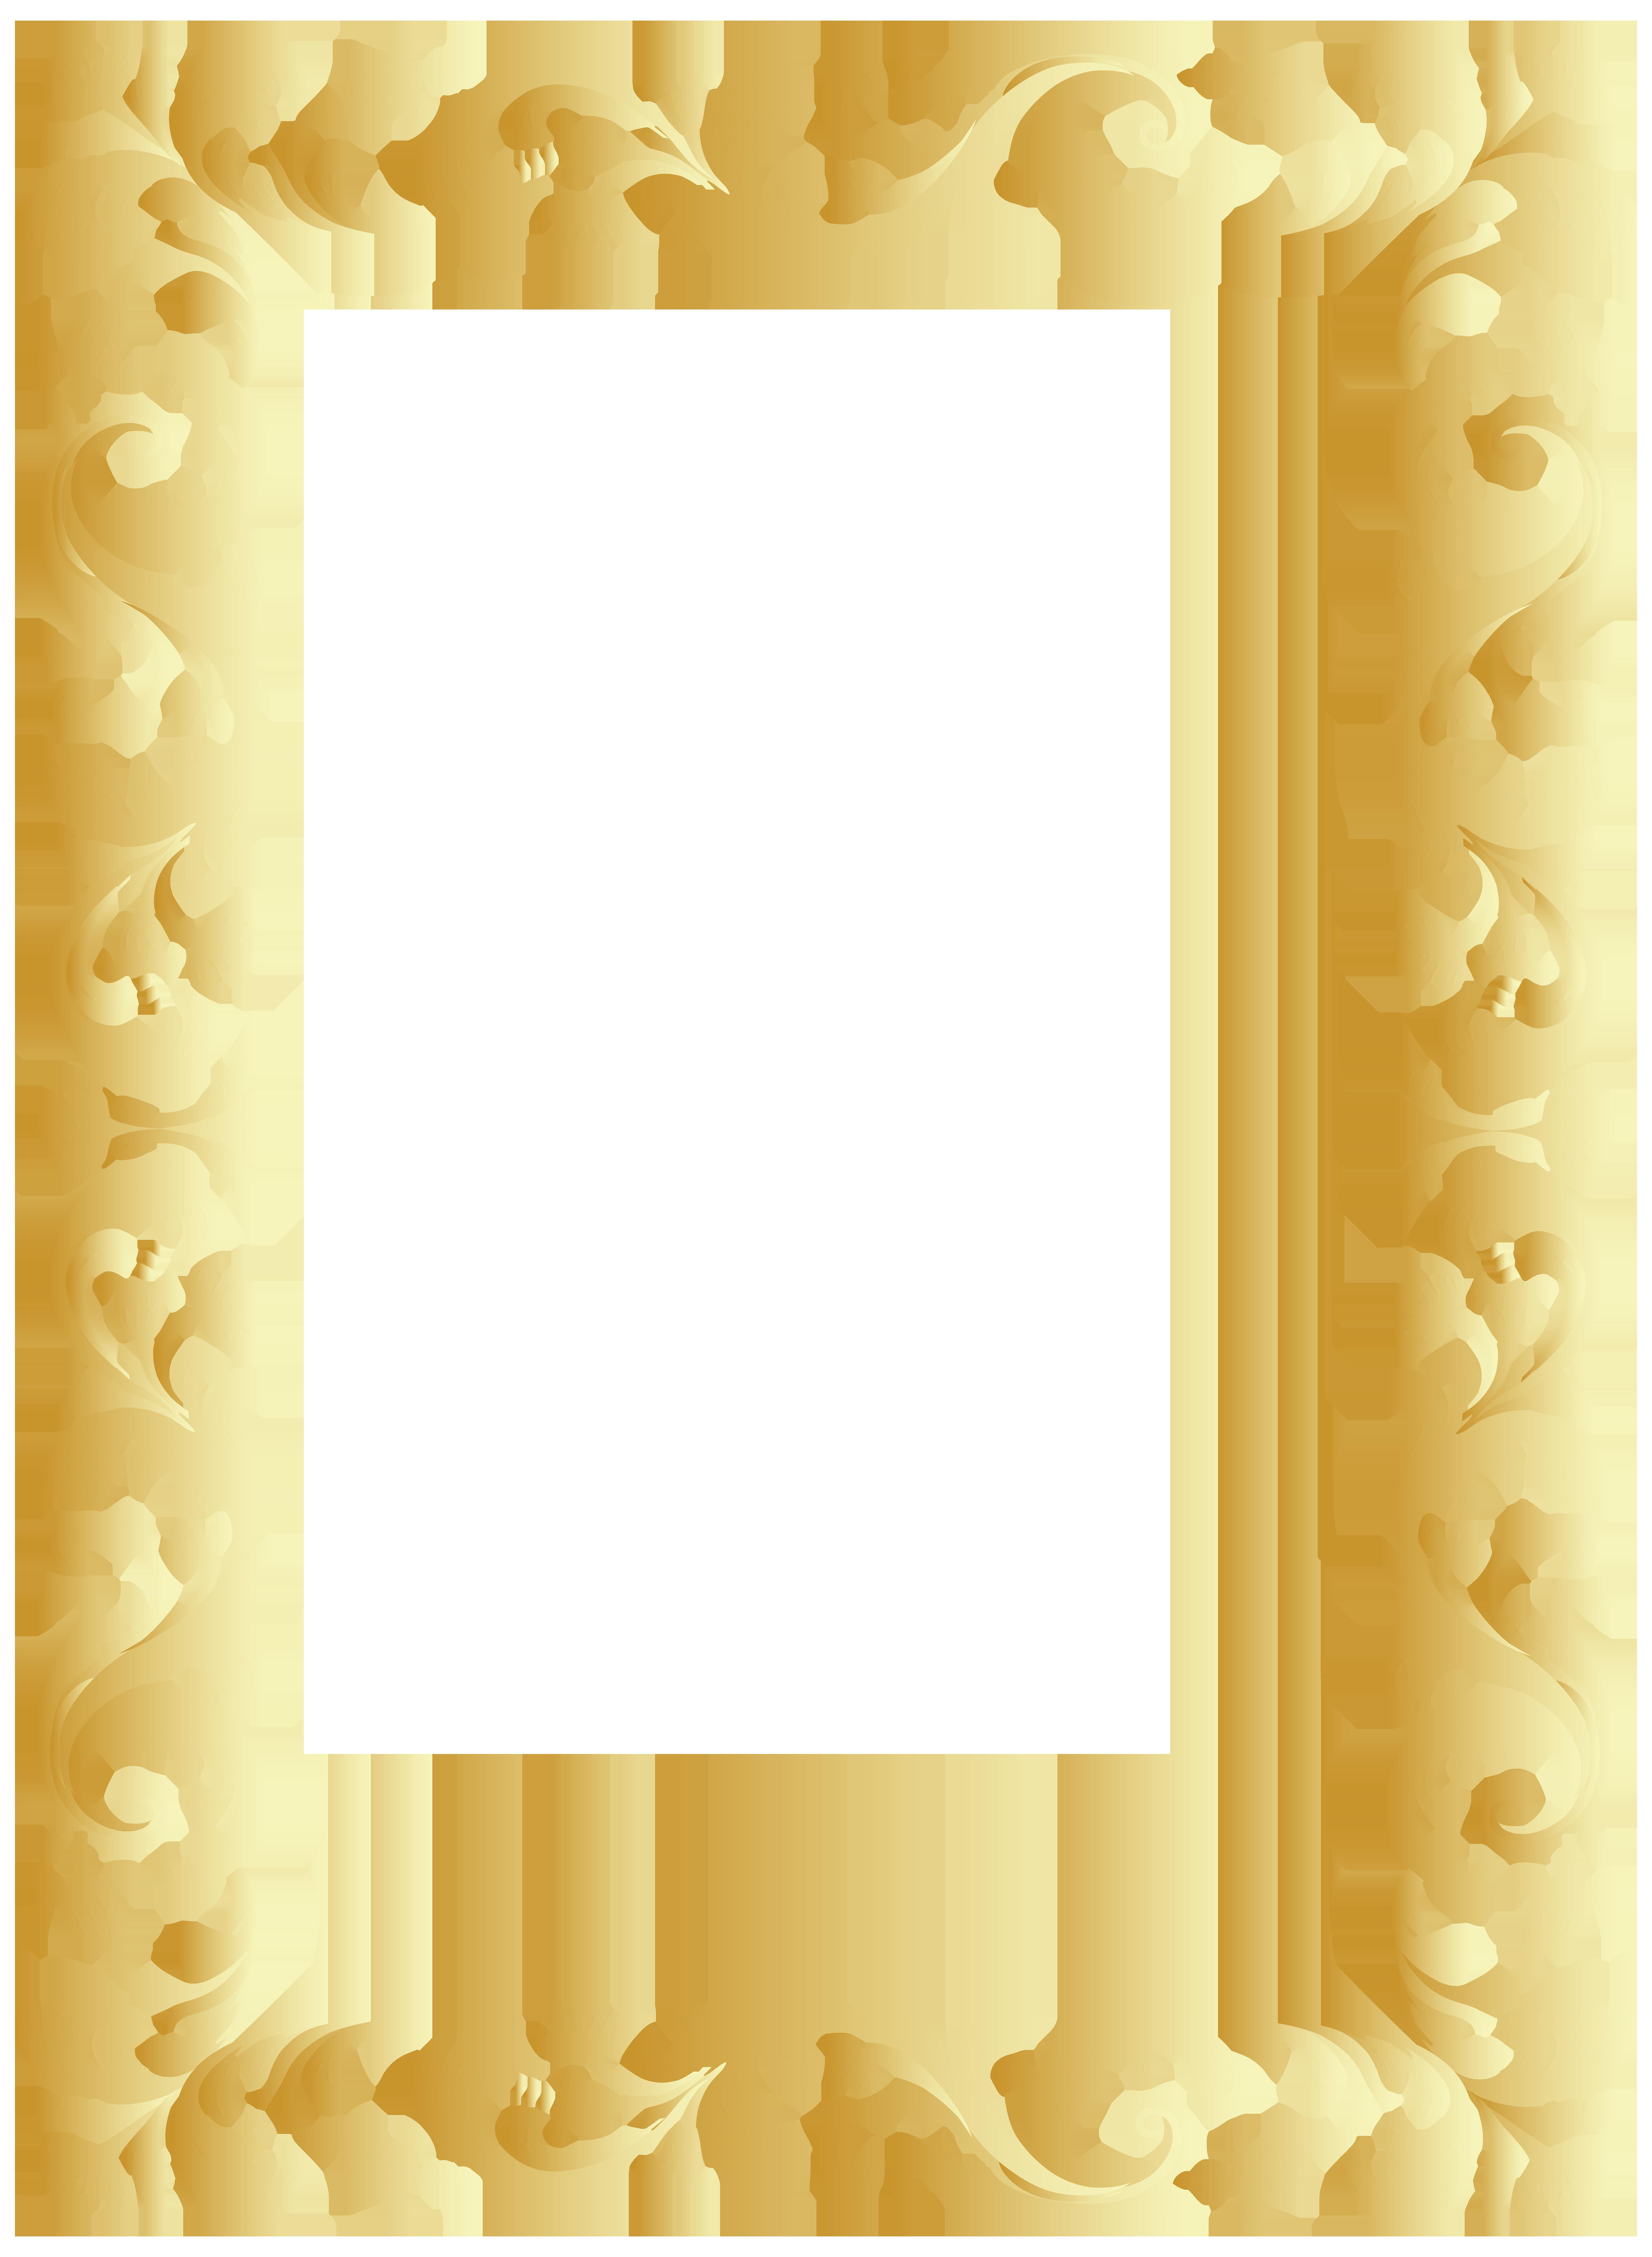 Vintage Border Frame Clip Art PNG Image.